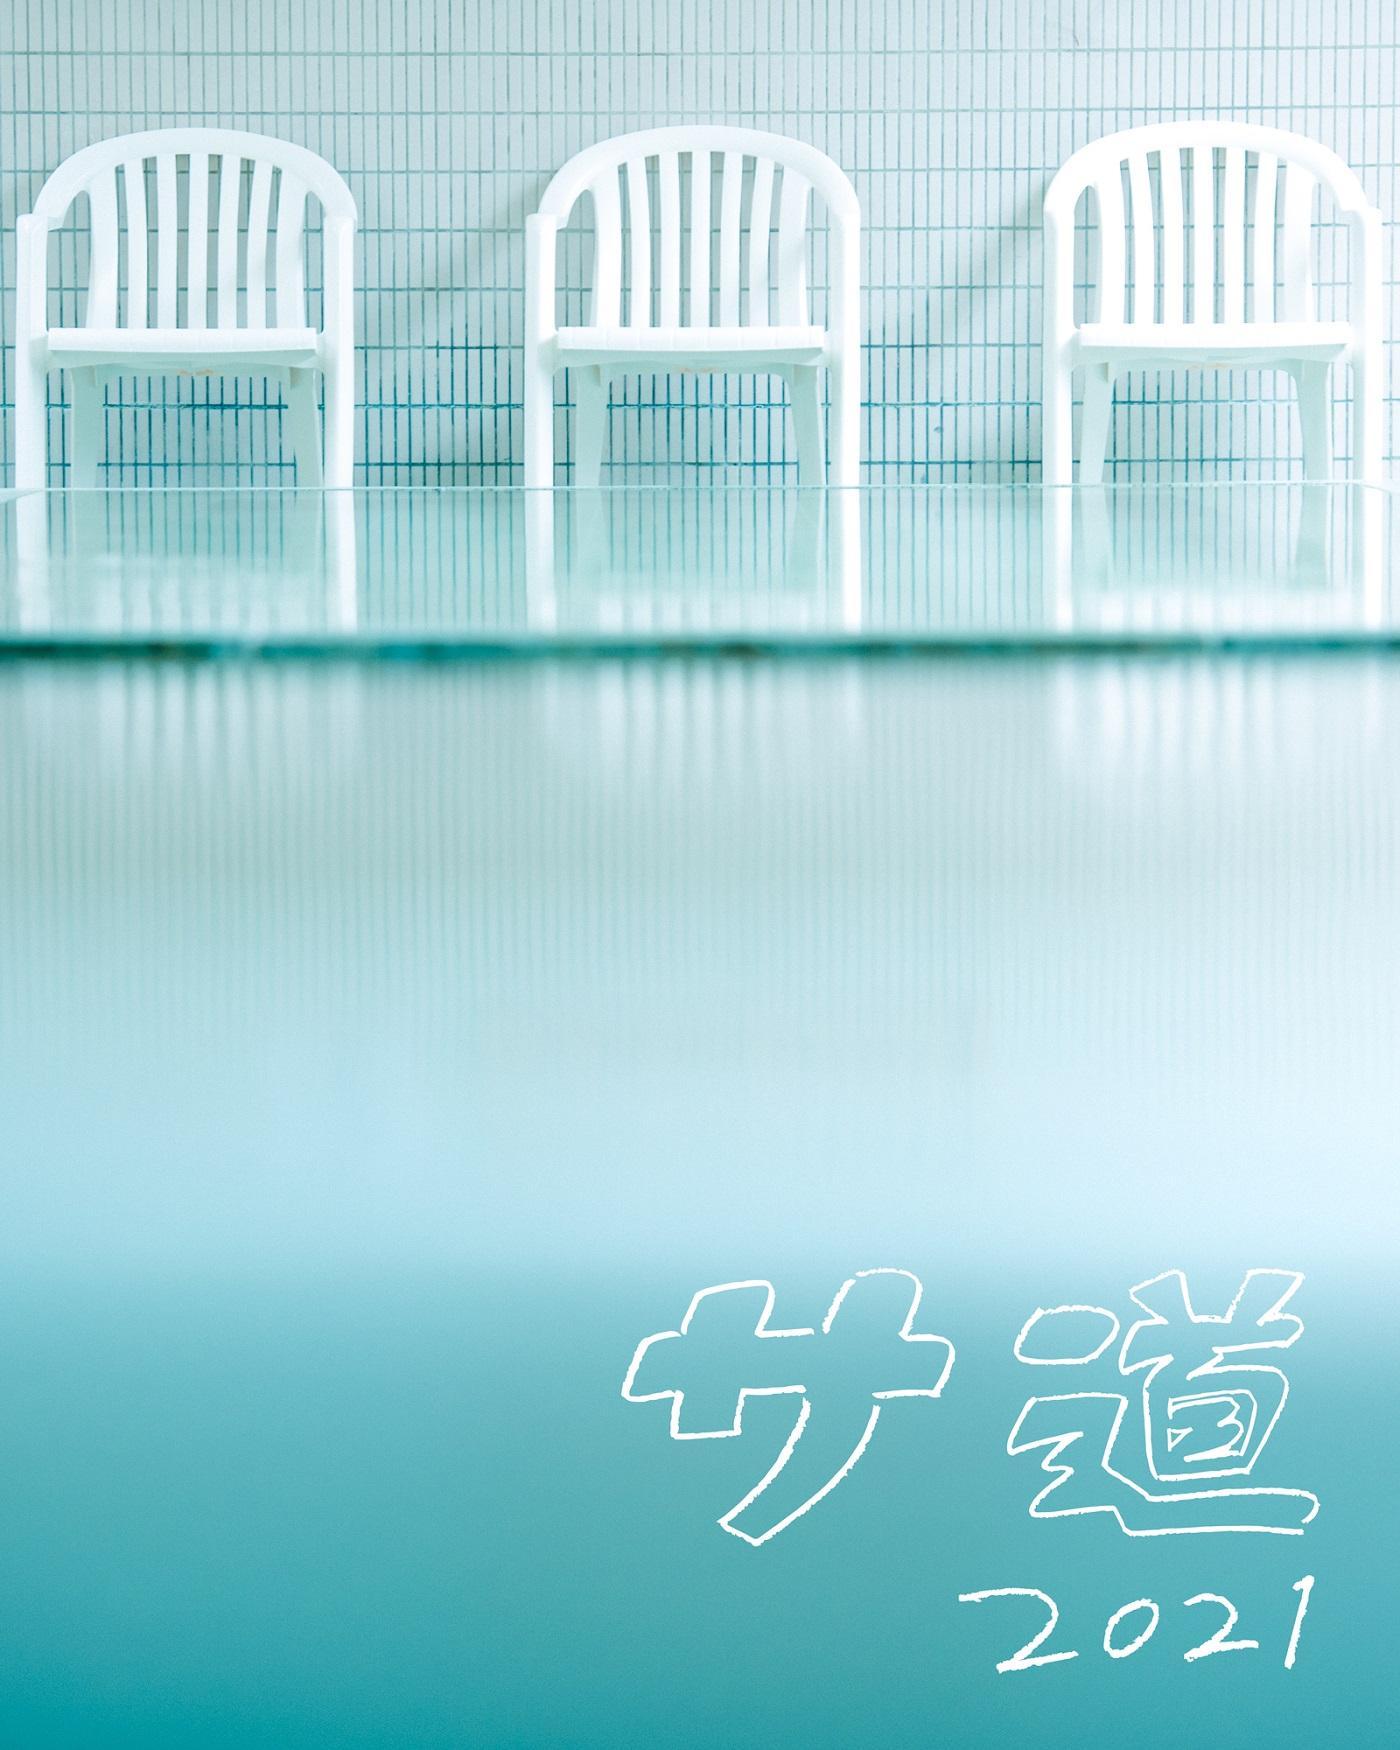 2年前、偶然出会い始まった3人のサウナ道…今夏ついに新シリーズへ突入し、原田泰造・三宅弘城・磯村勇斗が再集結!